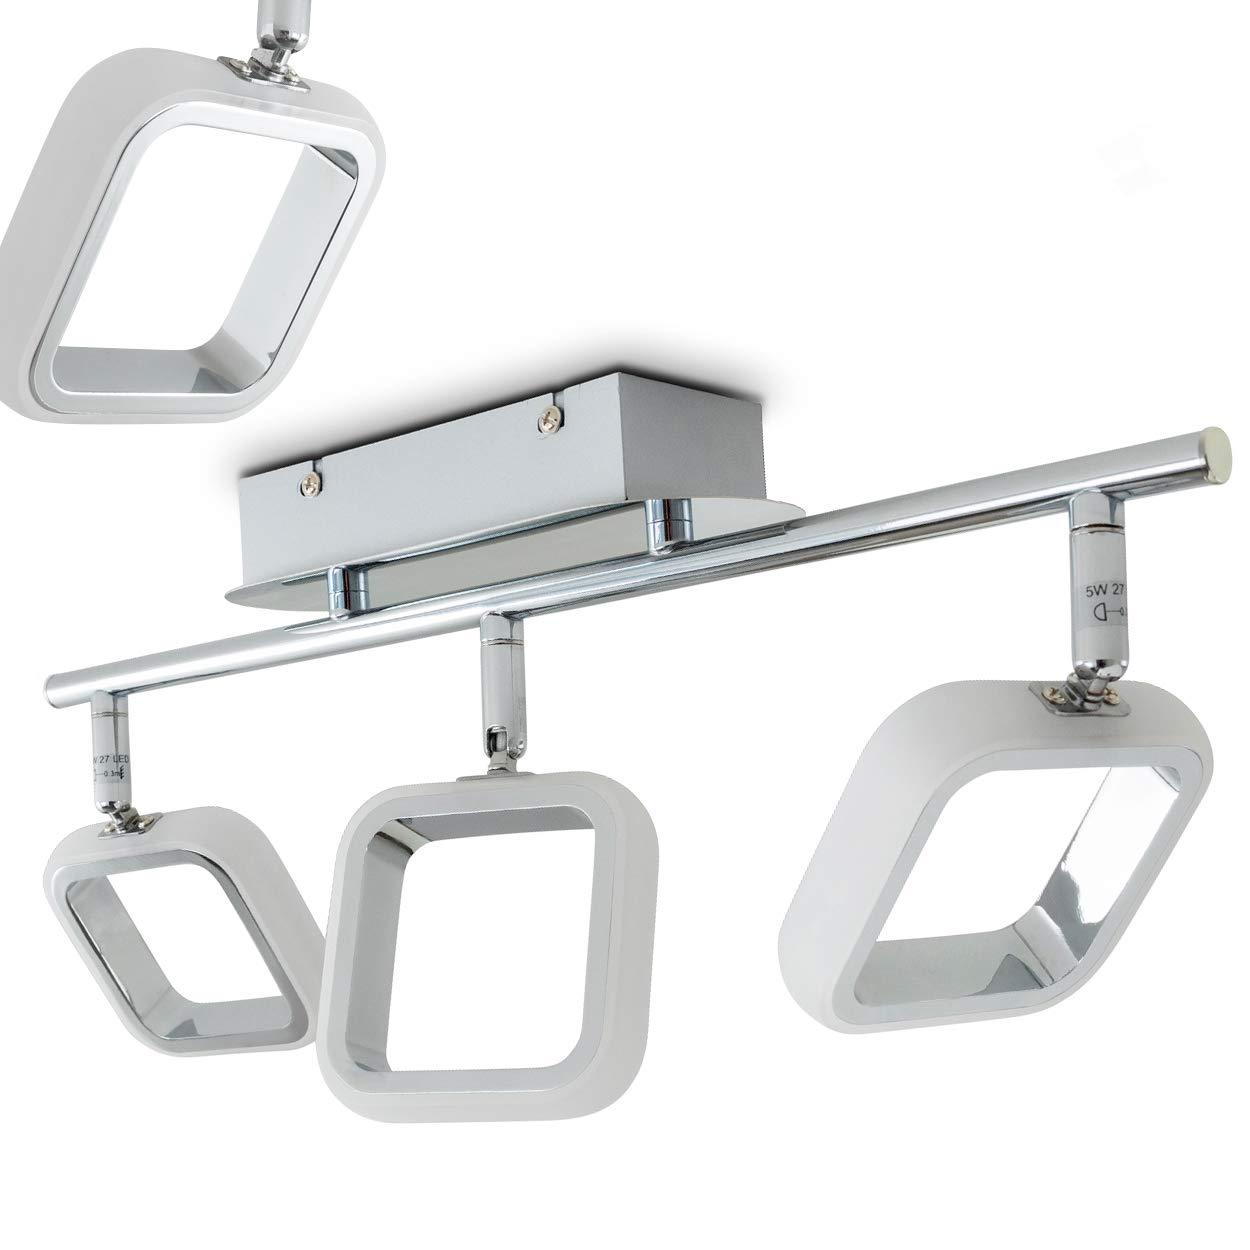 LED Deckenleuchte Myto, Deckenlampe in Chrom, 3-flammig mit verstellbaren Leuchtenköpfen, 3 x 5 Watt, 400 Lumen (1200 Lumen insgesamt), 3000 Kelvin (warmweiß)